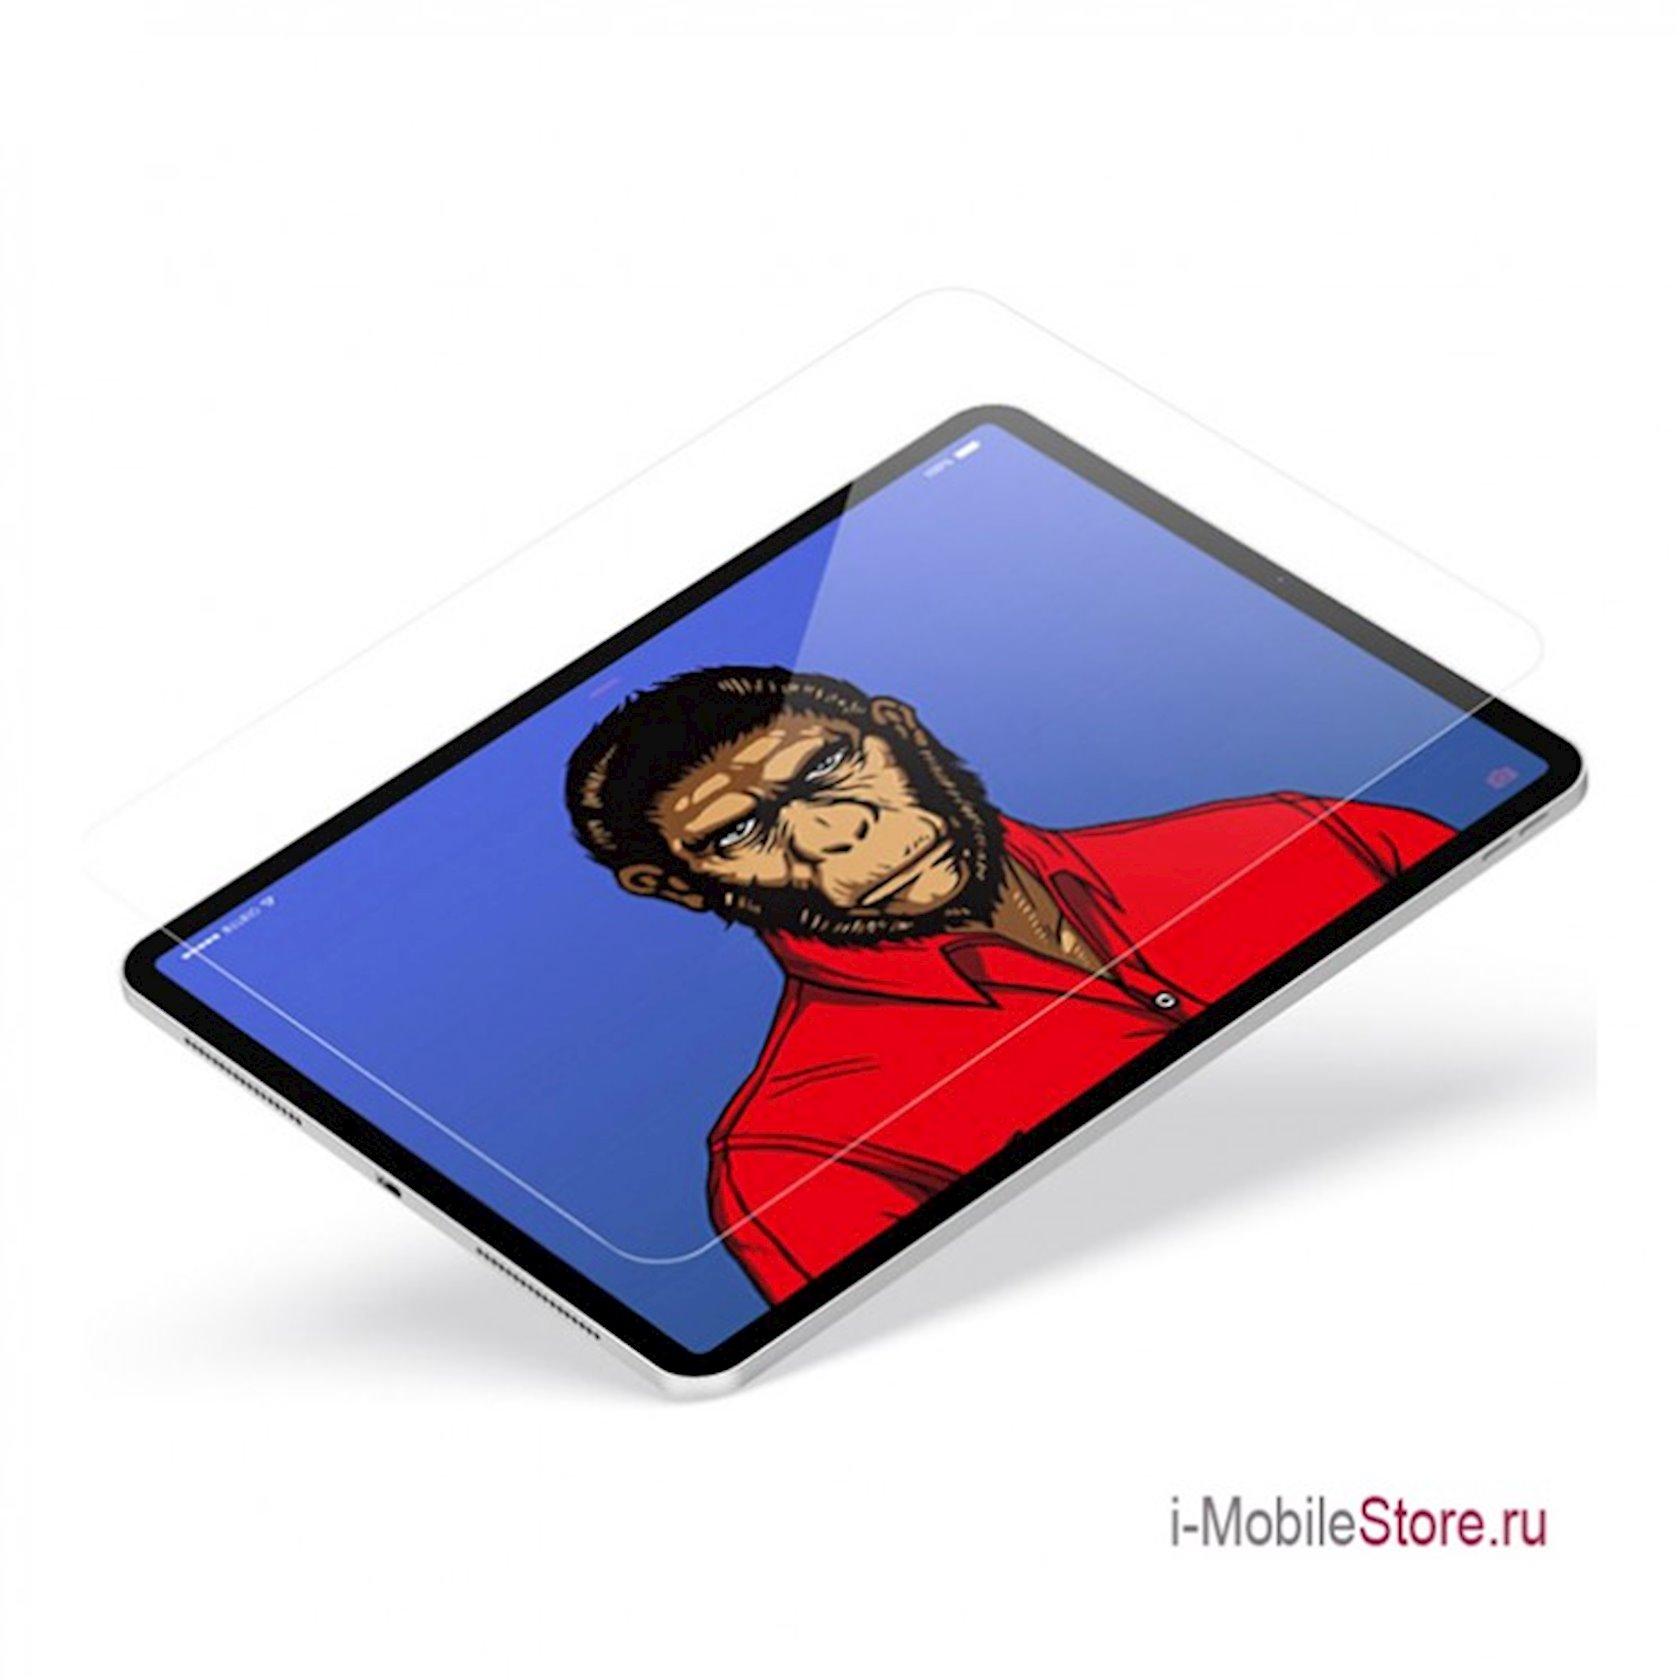 Qoruyucu şüşə Blueo Clear HD Apple iPad 10.2 üçün